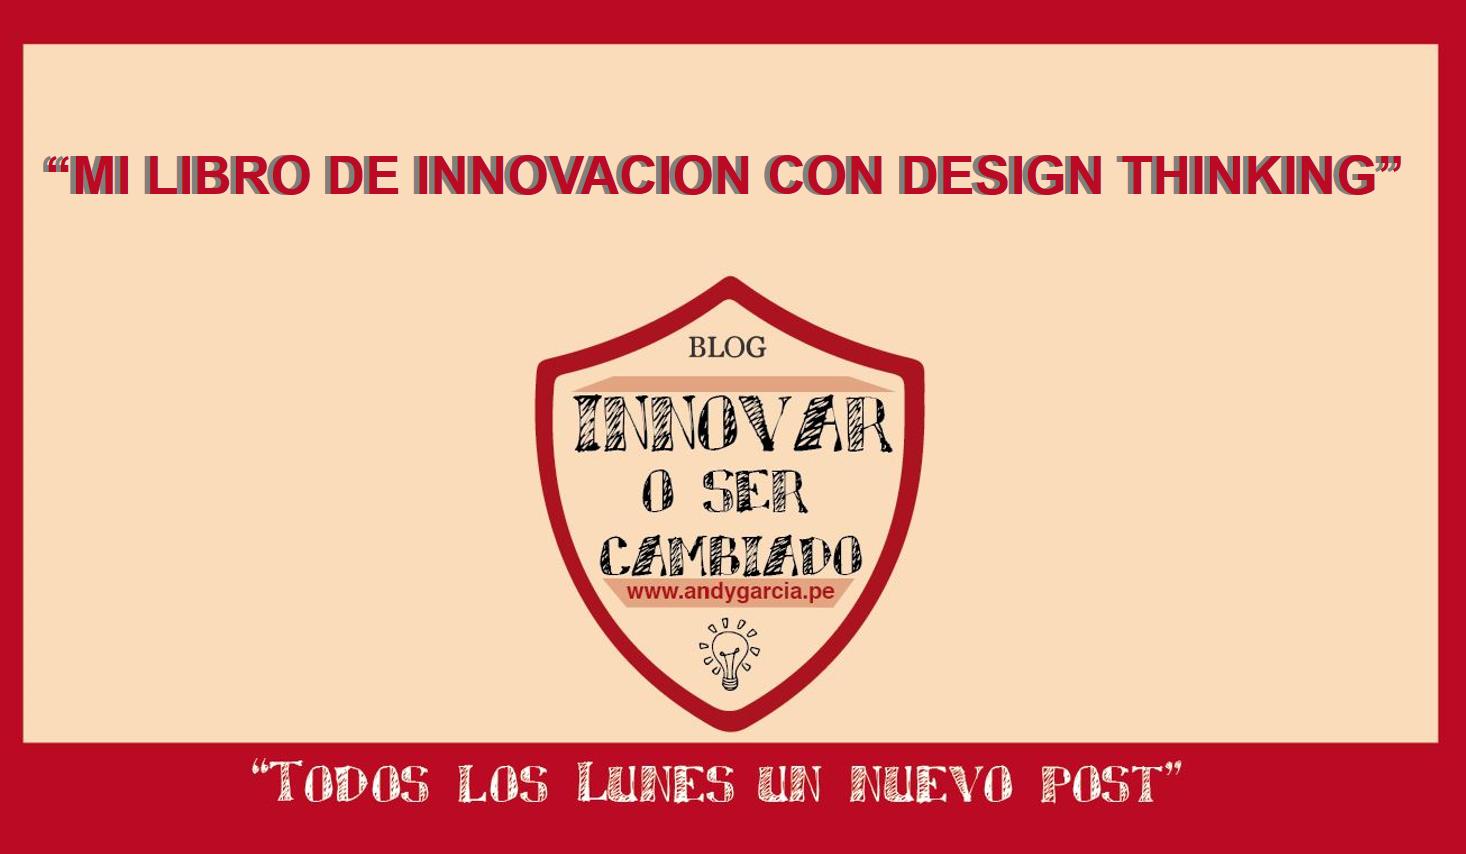 Mi libro de innovación con design thinking